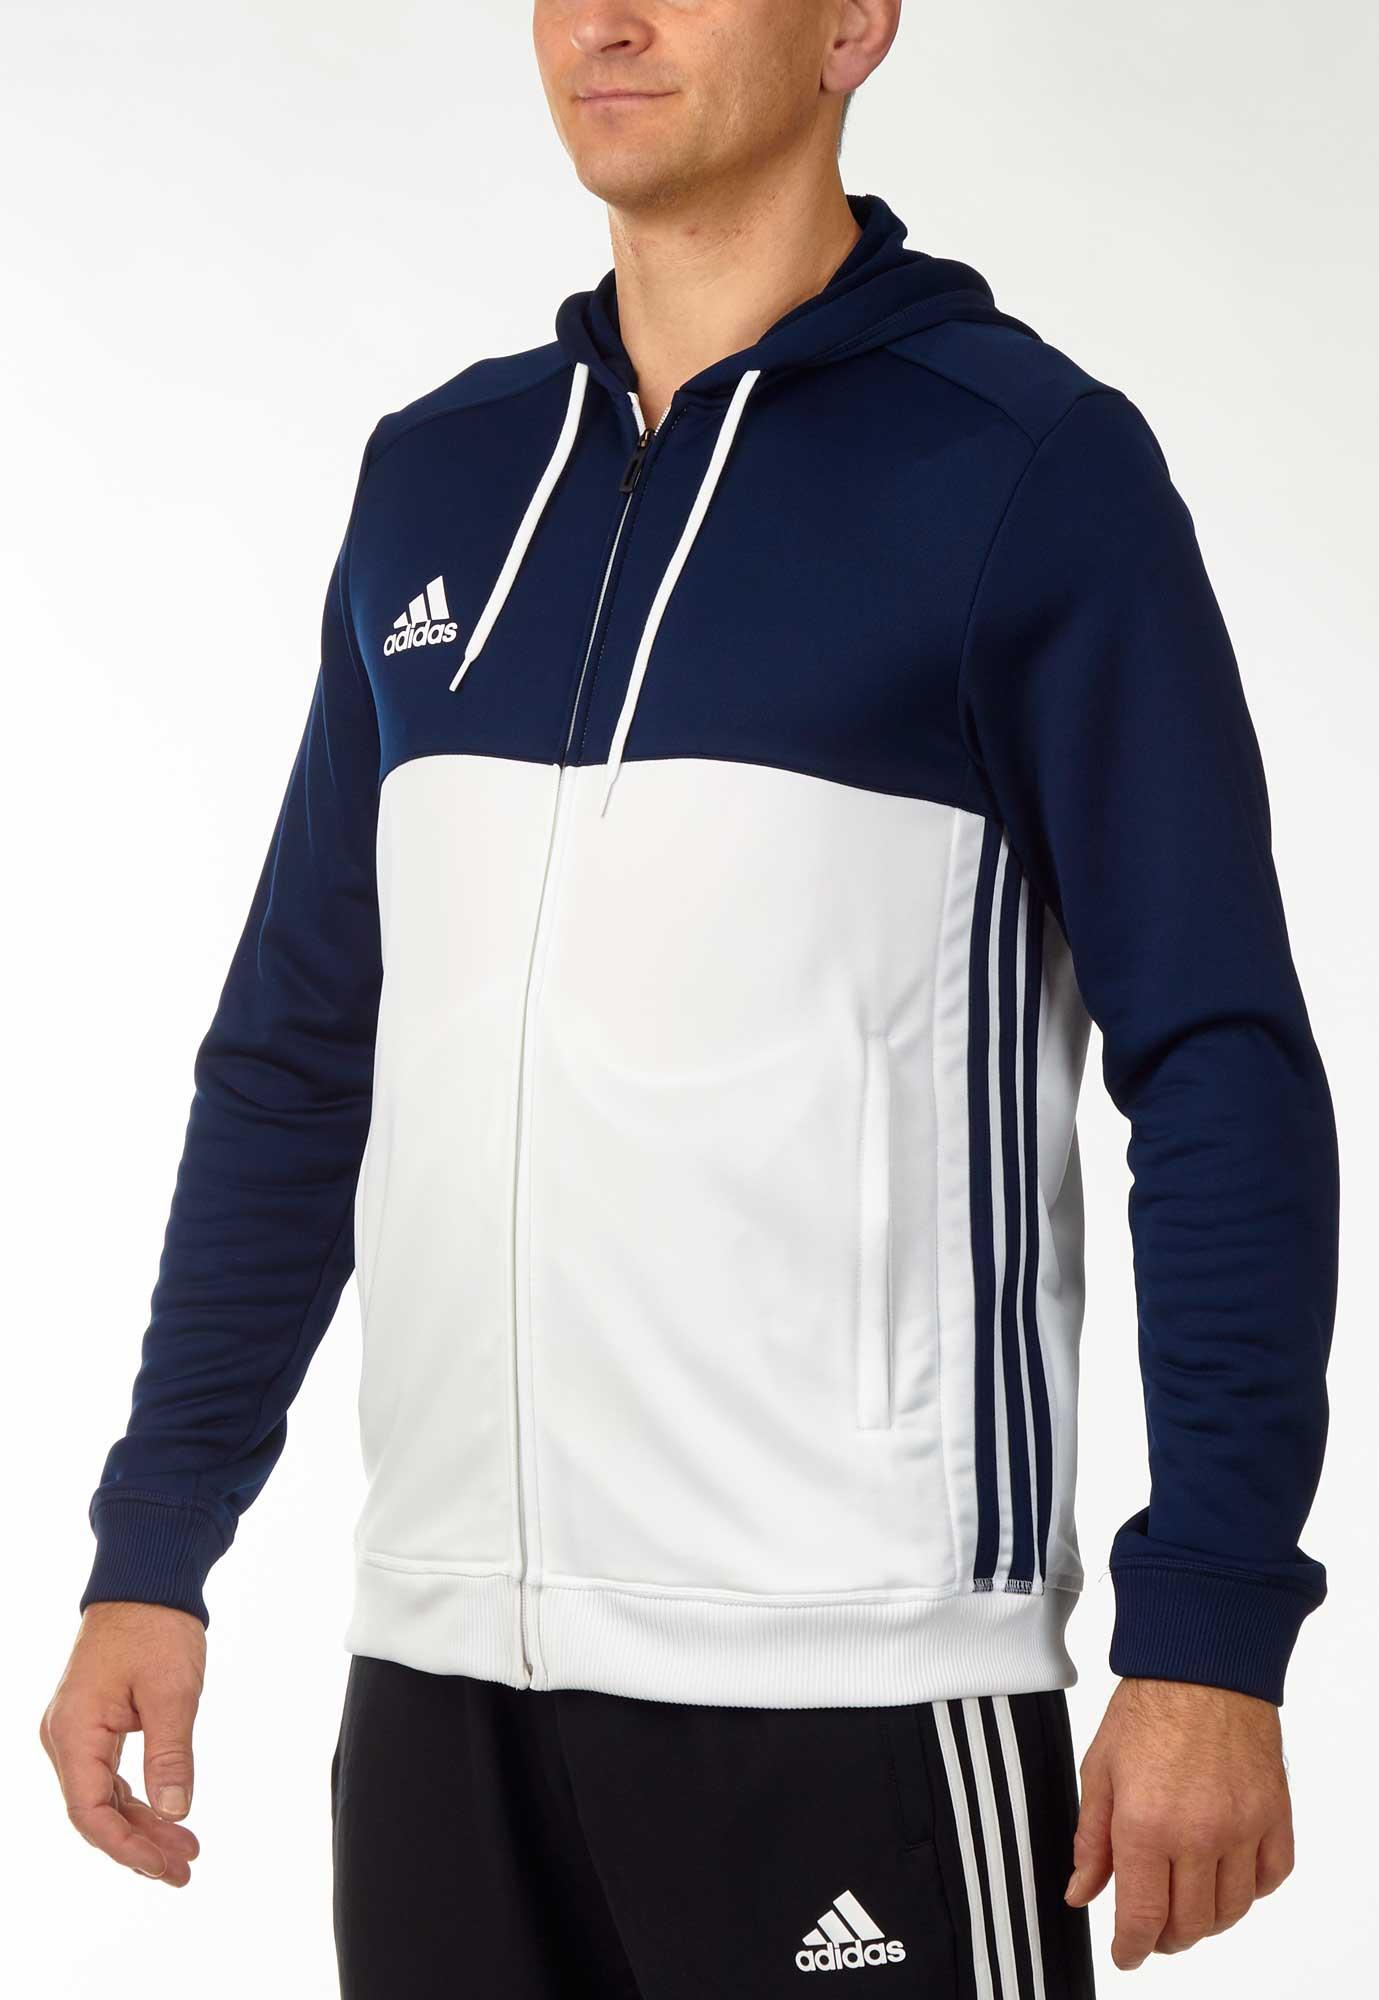 Abverkauf Adidas T16 Team Hoodie Damen Schwarz Weiss AJ5404